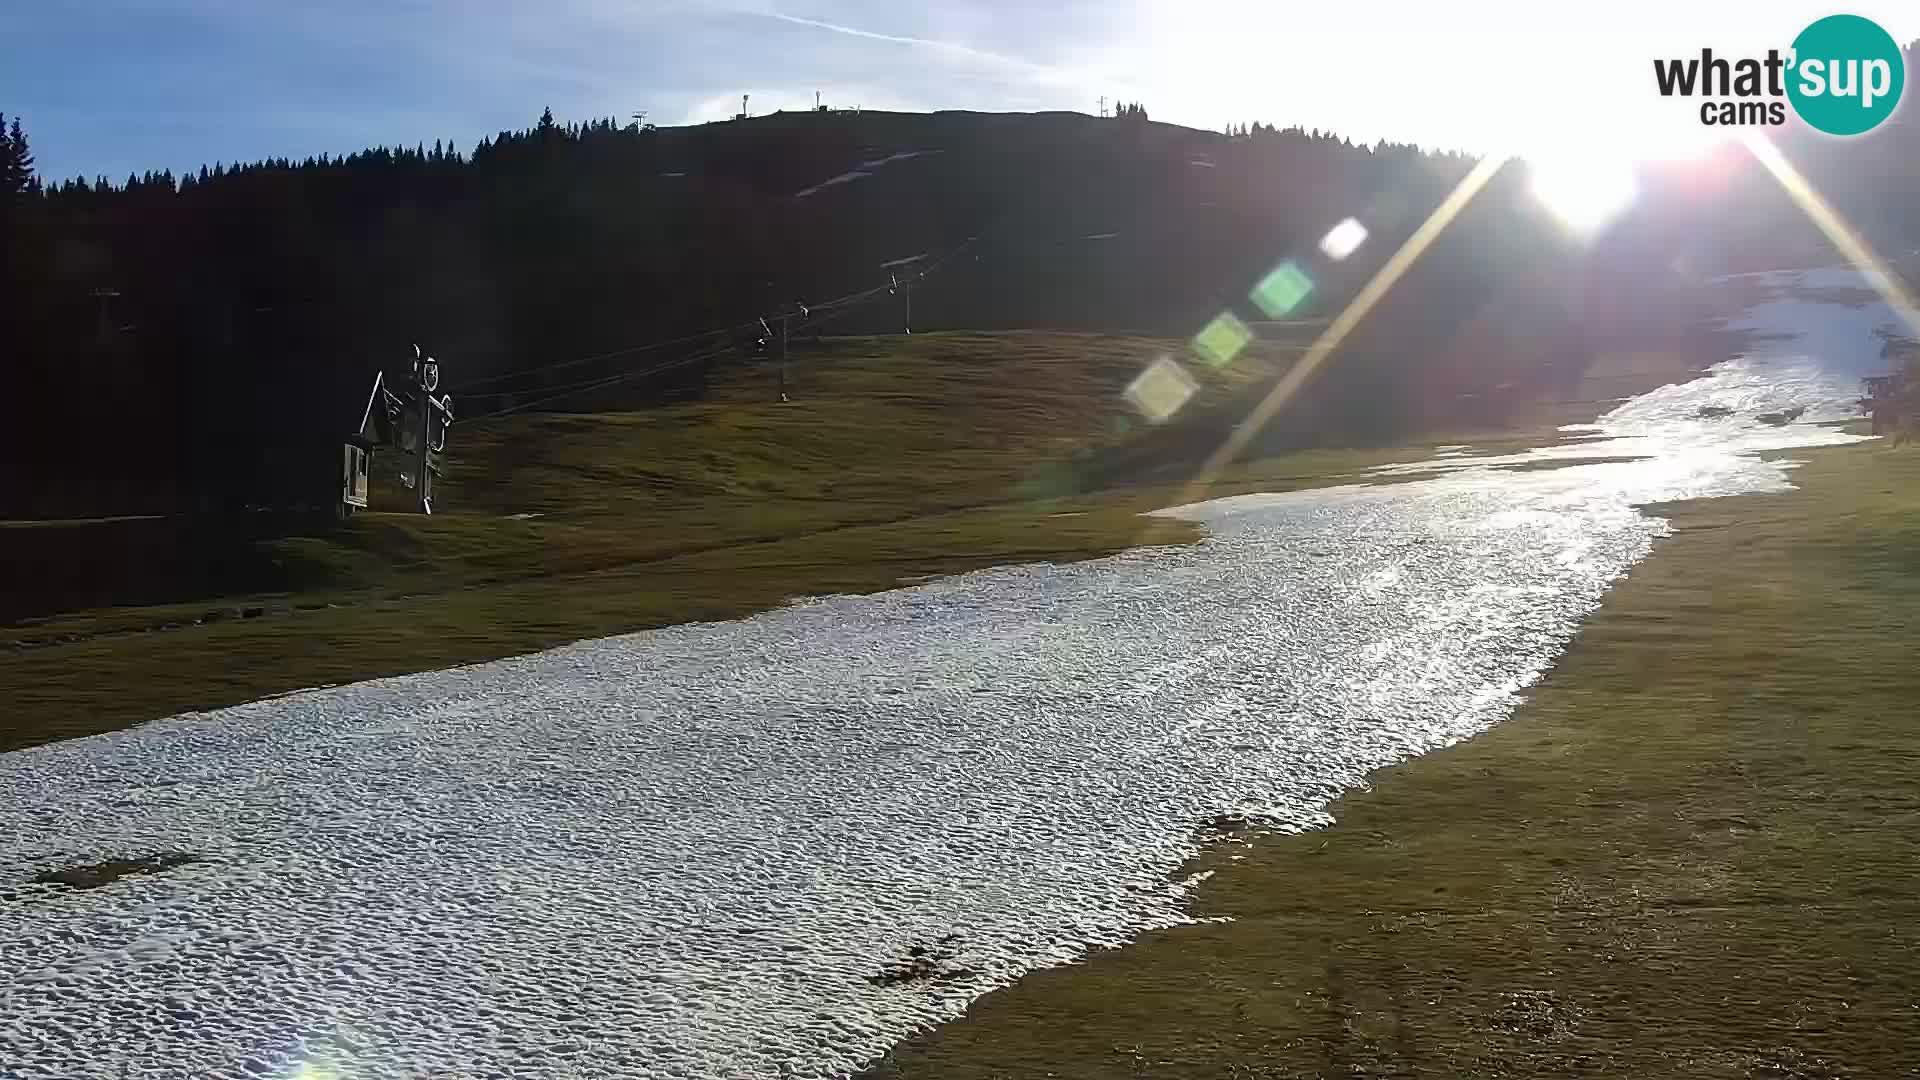 Livecam Sorica stazione sciistica